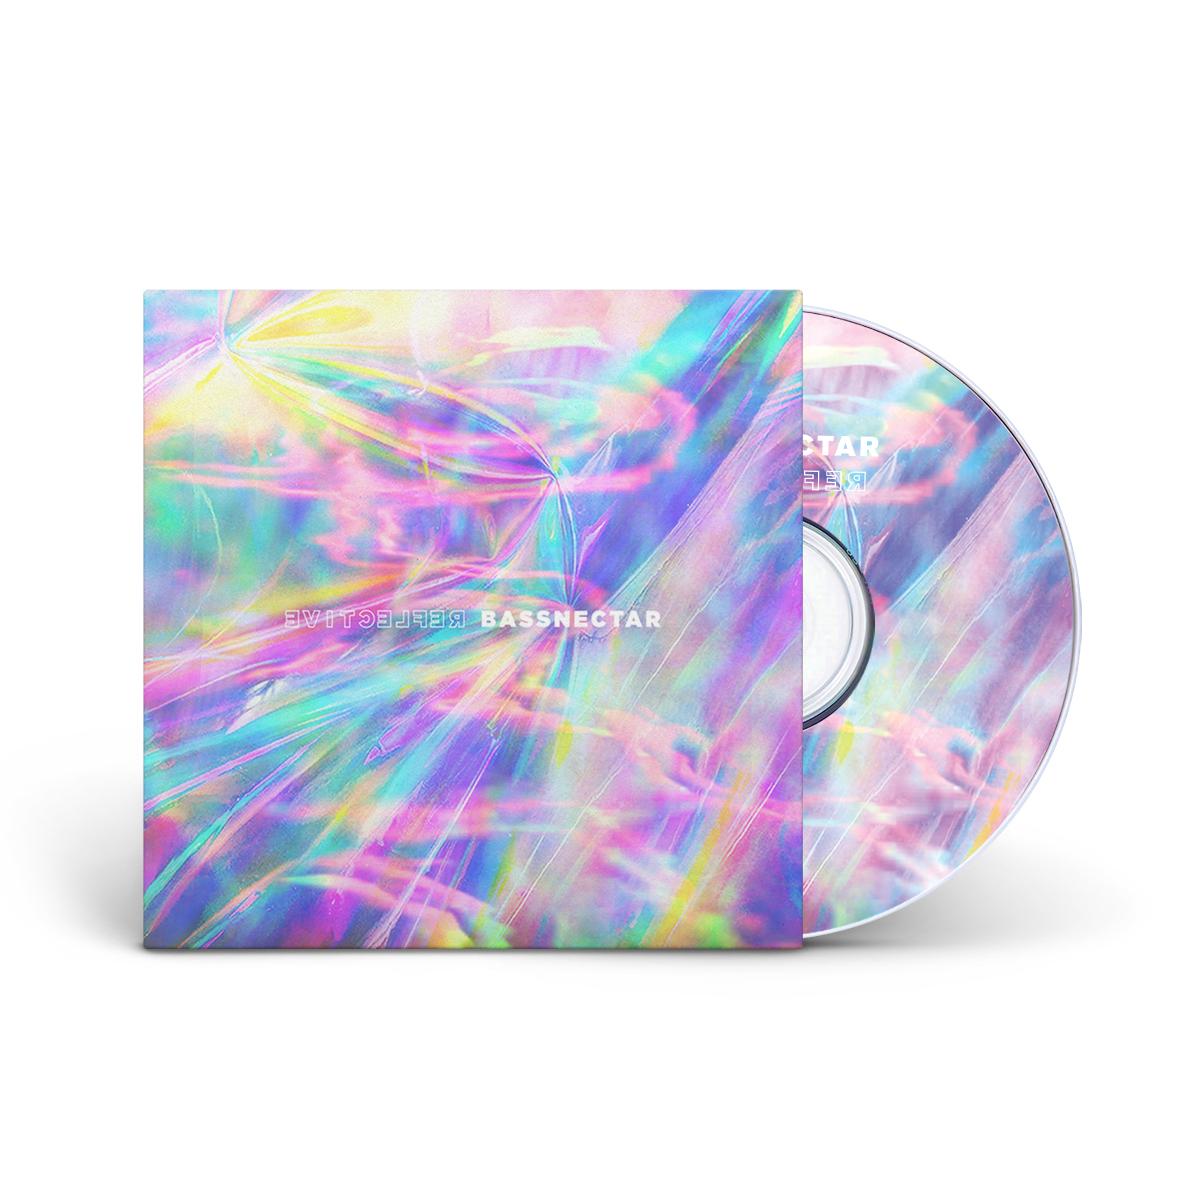 Reflective EP